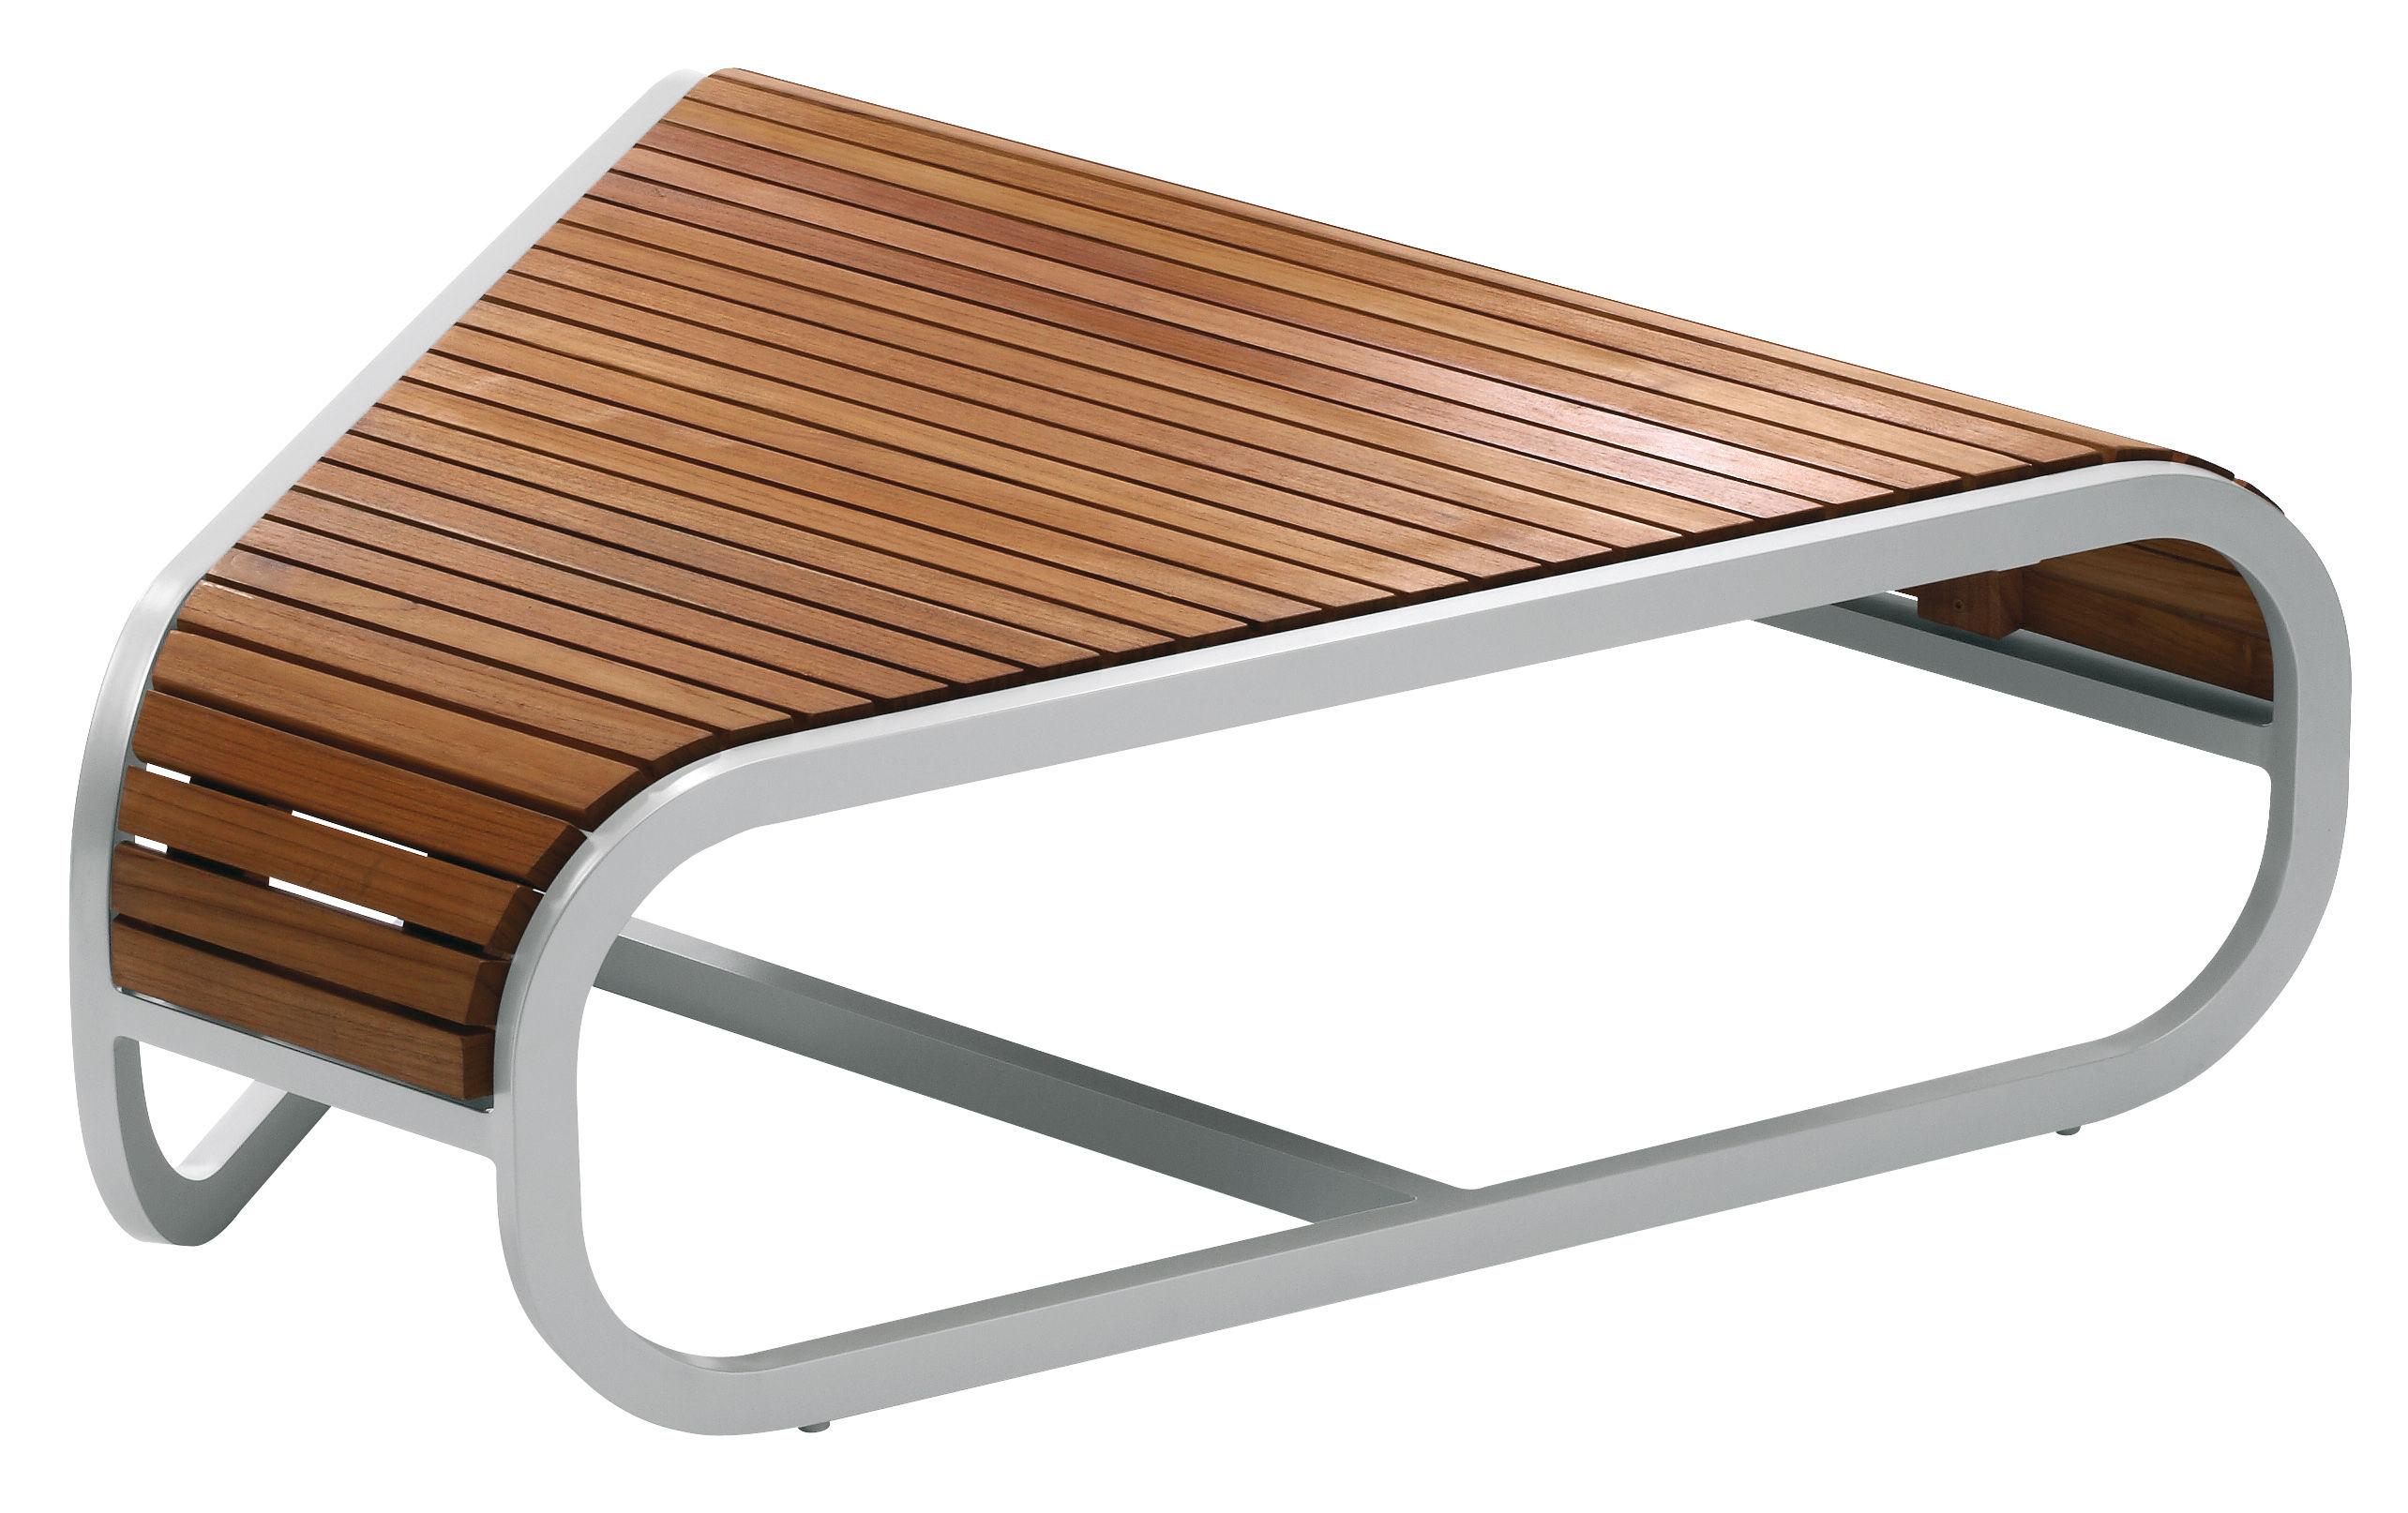 Mobilier - Tables basses - Table basse Tandem module d'angle - Version teck - EGO Paris - Teck - Aluminium laqué, Teck